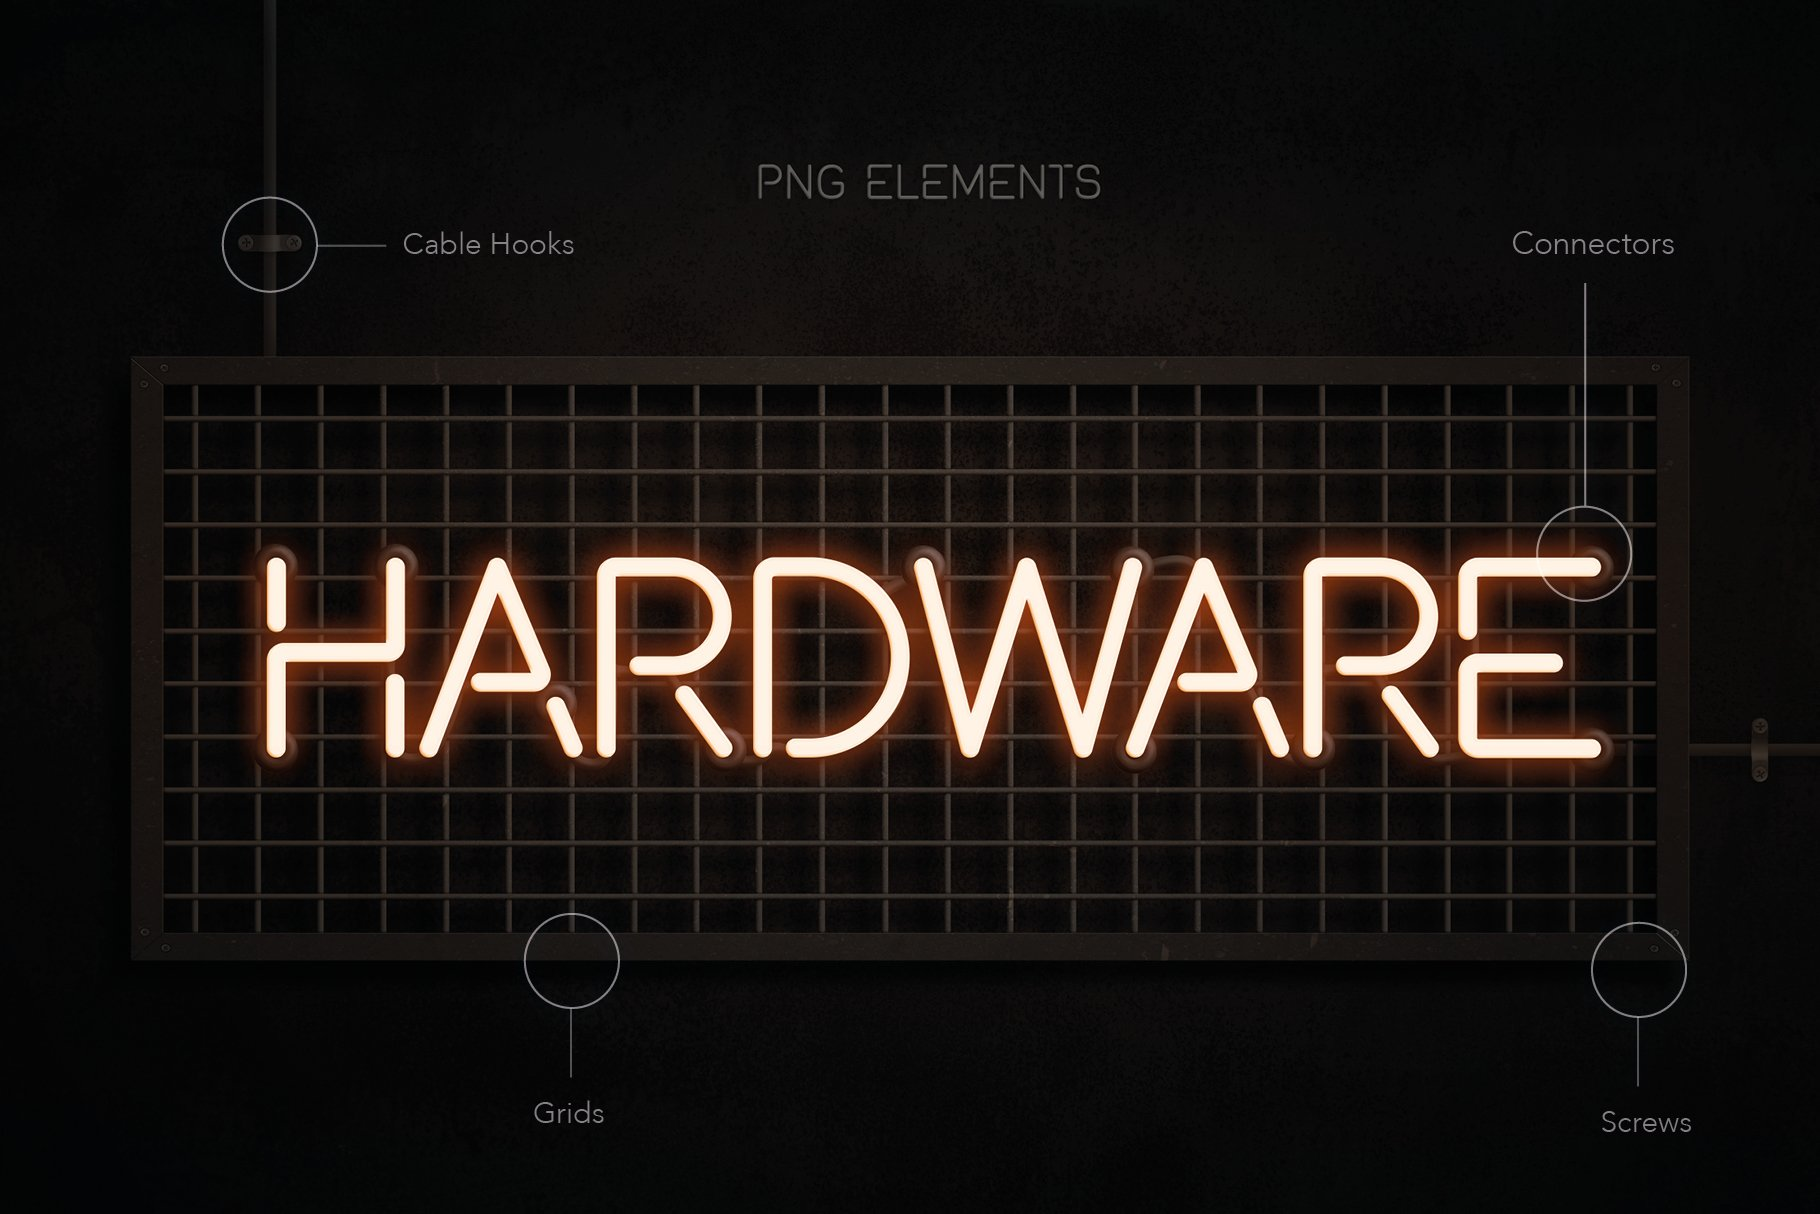 时尚霓虹灯发光特效字体图形元素设计PS样式模板套件 The Ultimate Neon Kit插图(5)